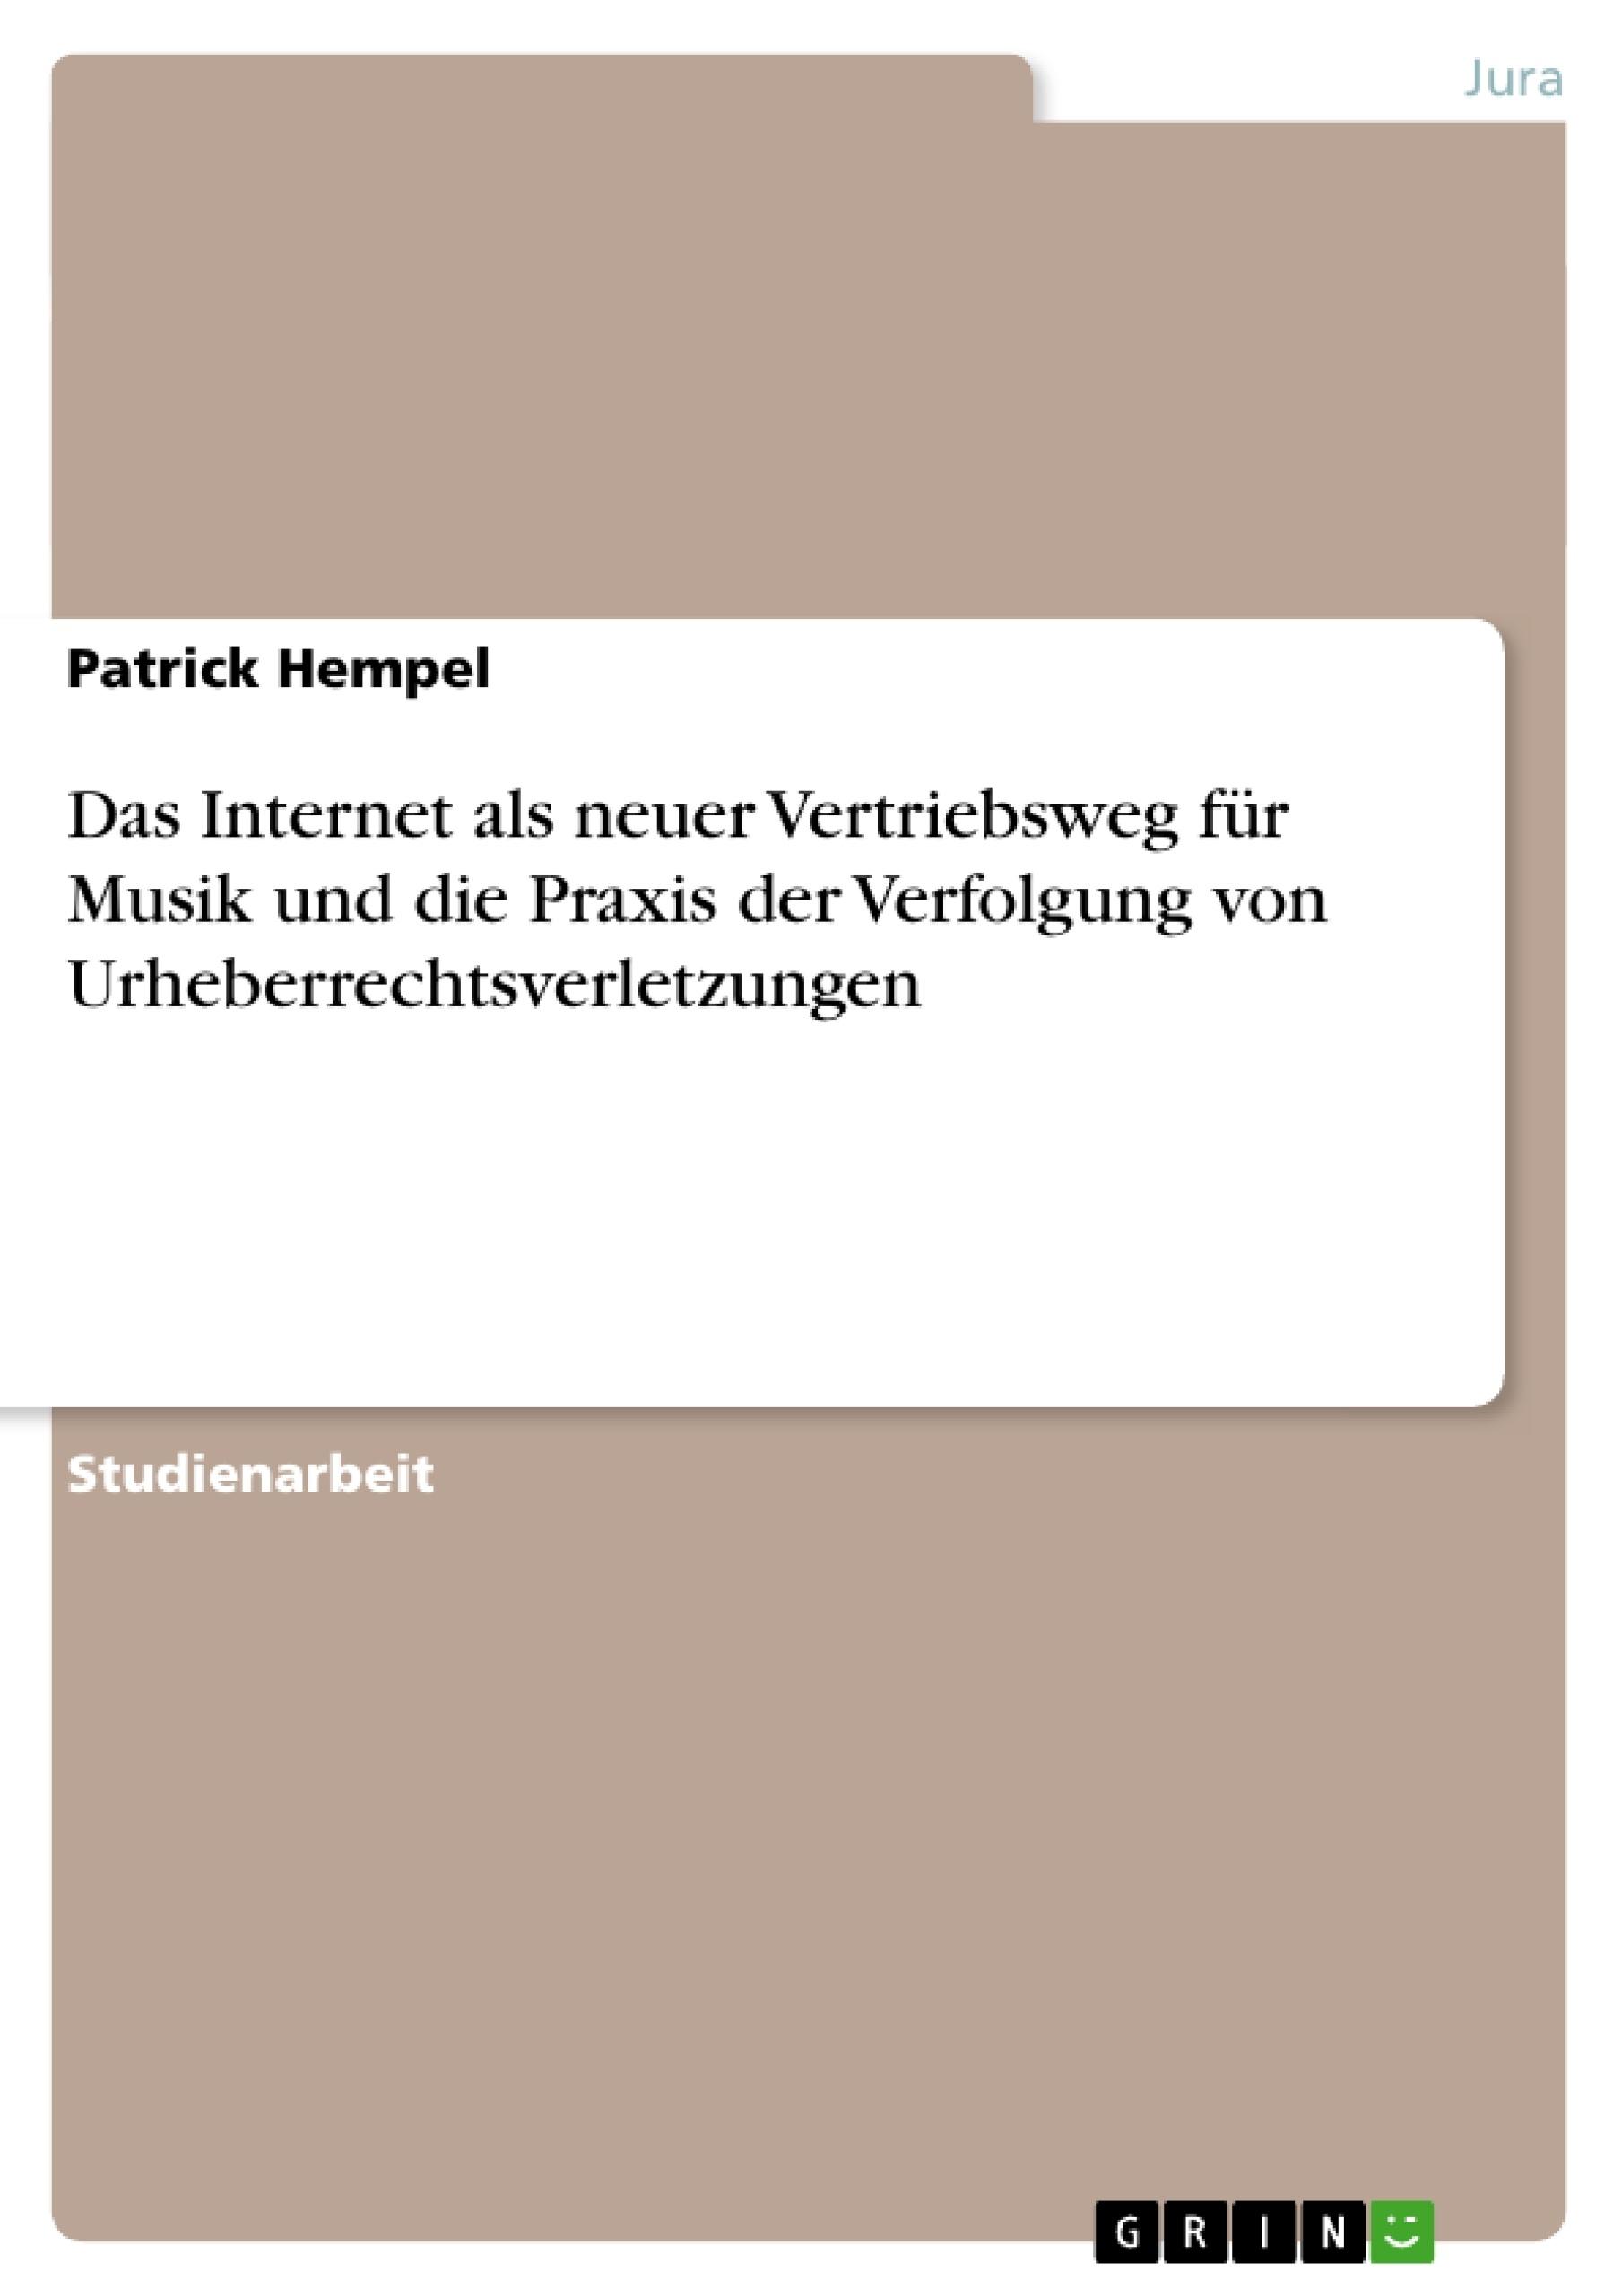 Titel: Das Internet als neuer Vertriebsweg für Musik und die Praxis der Verfolgung von Urheberrechtsverletzungen